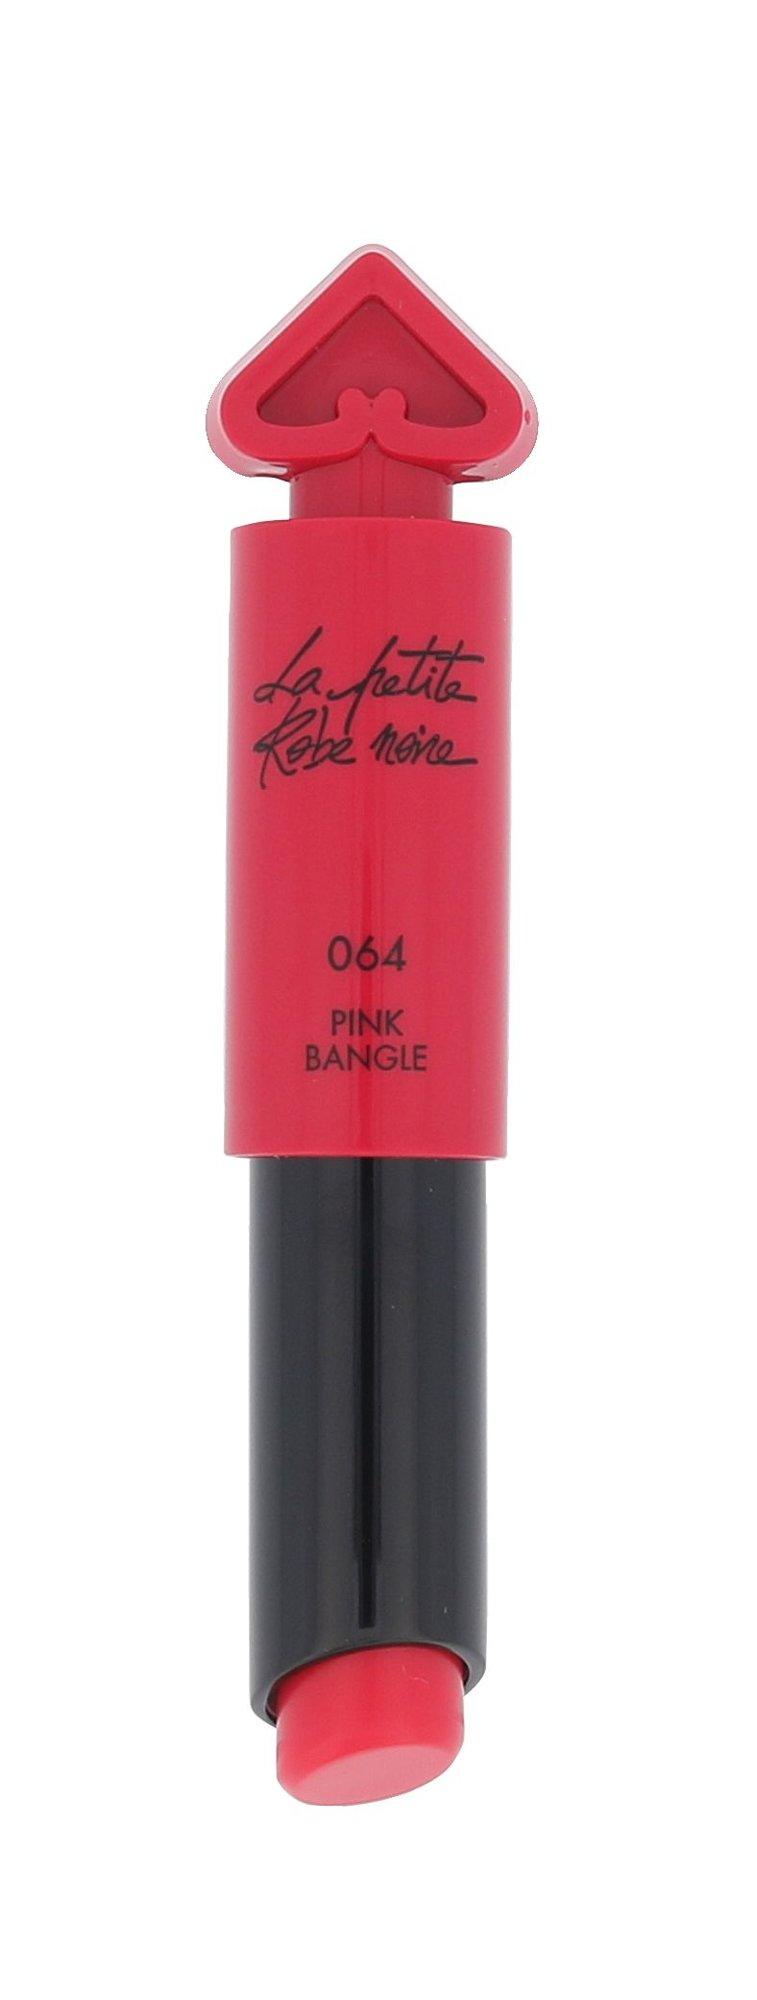 Guerlain La Petite Robe Noire Cosmetic 2,8ml 064 Pink Bangle